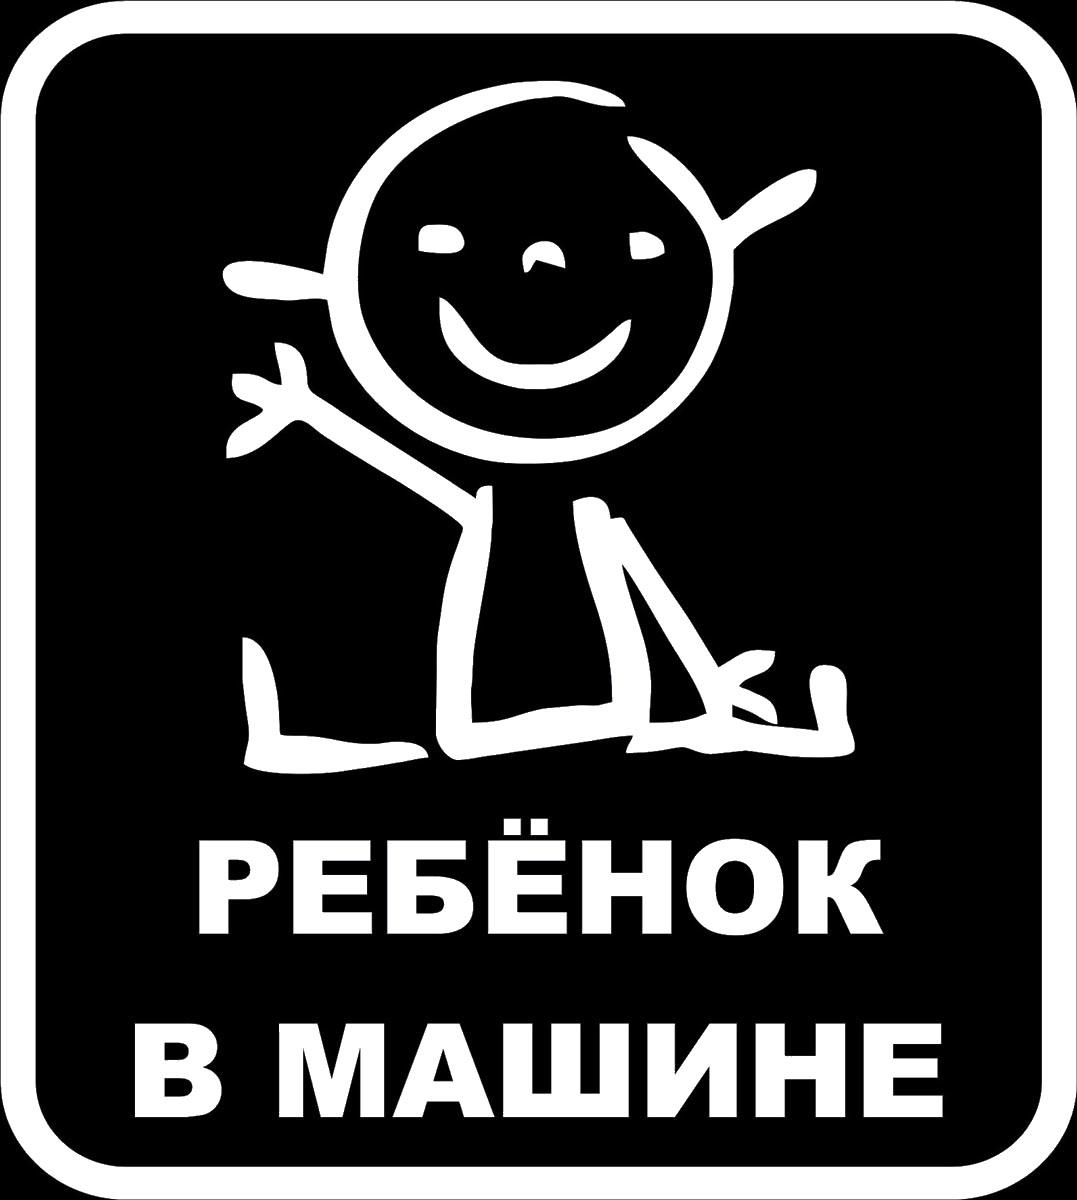 Наклейка автомобильная Оранжевый слоник Ребенок в машине, виниловая, цвет: белый150RM00021WОригинальная наклейка Оранжевый слоник Ребенок в машине изготовлена из высококачественного винила, который выполняет не только декоративную функцию, но и защищает кузов от небольших механических повреждений, либо скрывает уже существующие. Виниловые наклейки на авто - это не только красиво, но еще и быстро! Всего за несколько минут вы можете полностью преобразить свой автомобиль, сделать его ярким, необычным, особенным и неповторимым!